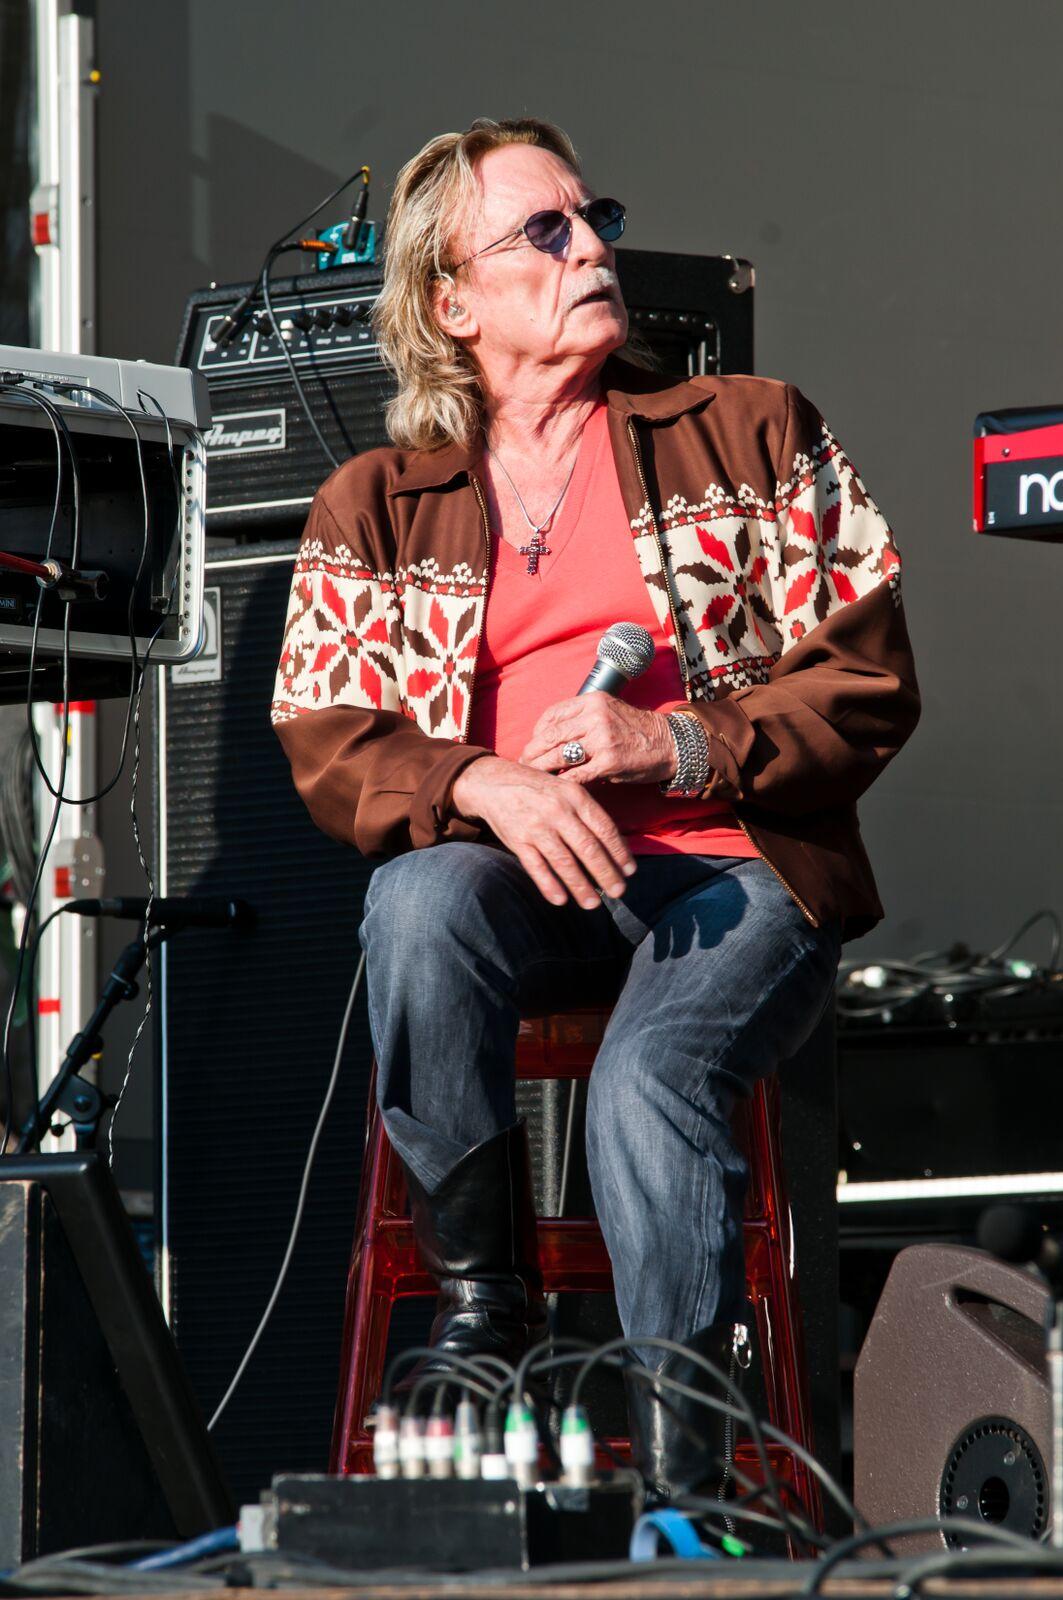    Le chanteur Christophe avec un micro dans sa main. | Photo : GettyImage